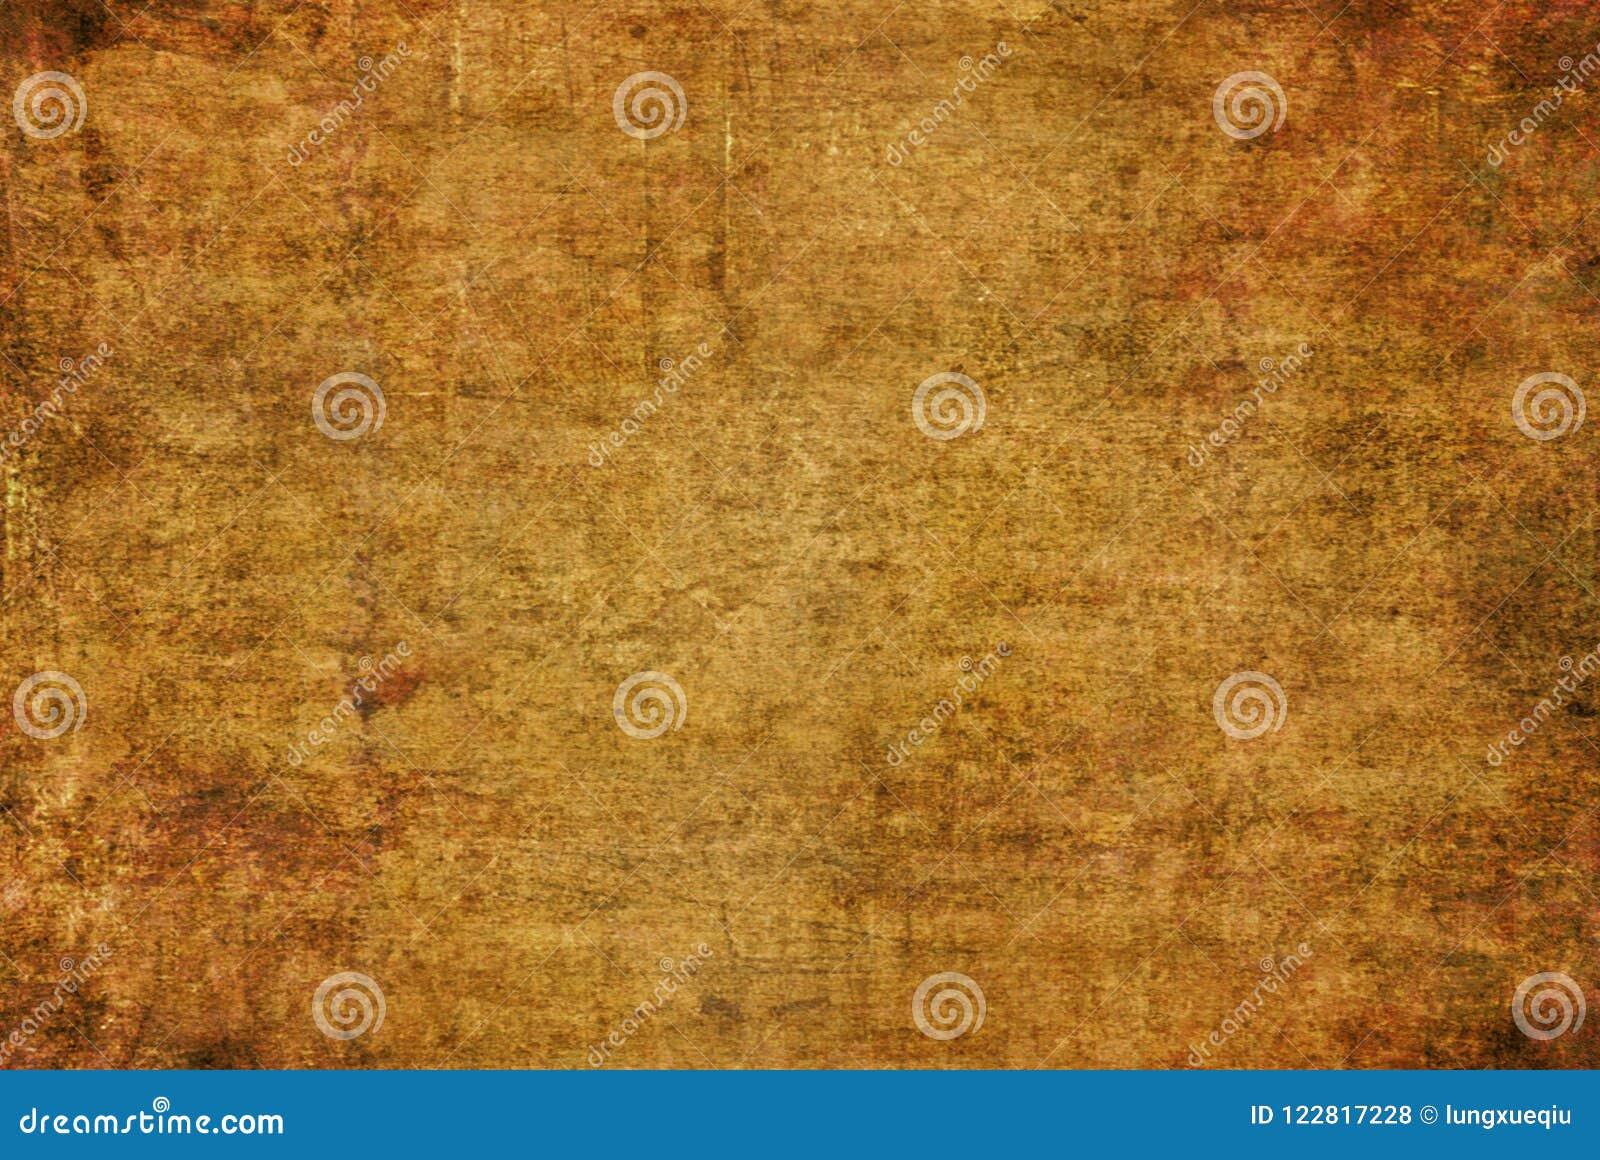 难看的东西黑暗的黄褐色破裂的生锈的被变形的朽烂老抽象帆布绘画纹理样式秋天背景墙纸